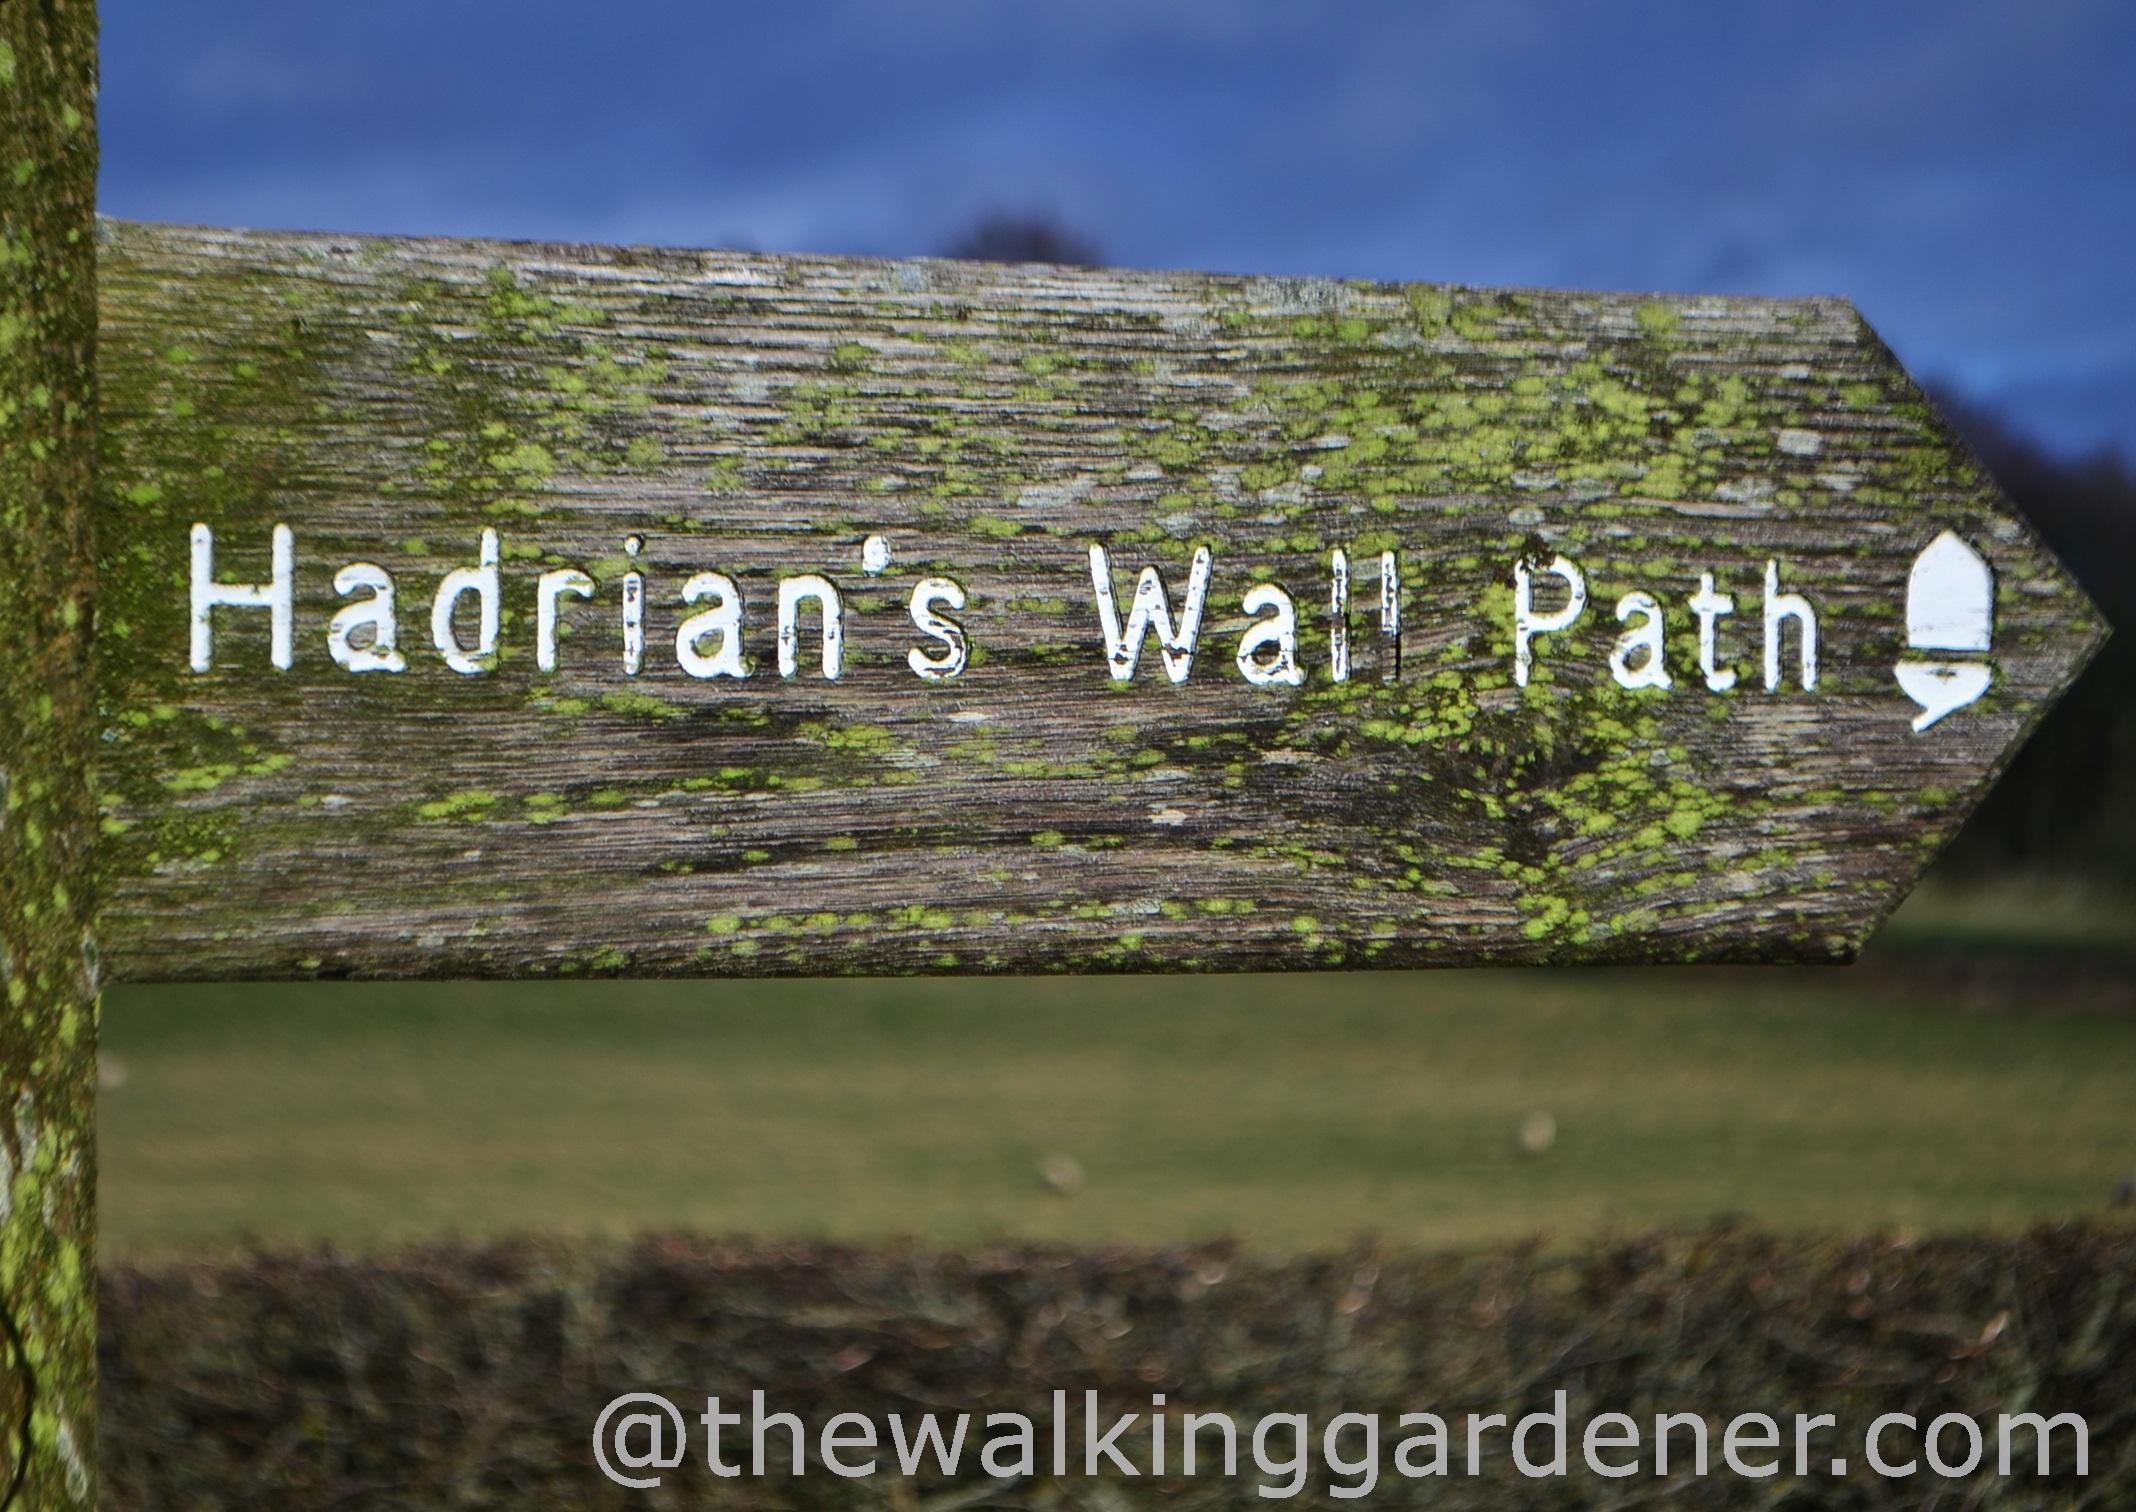 Hadrian's Wall Path 2014